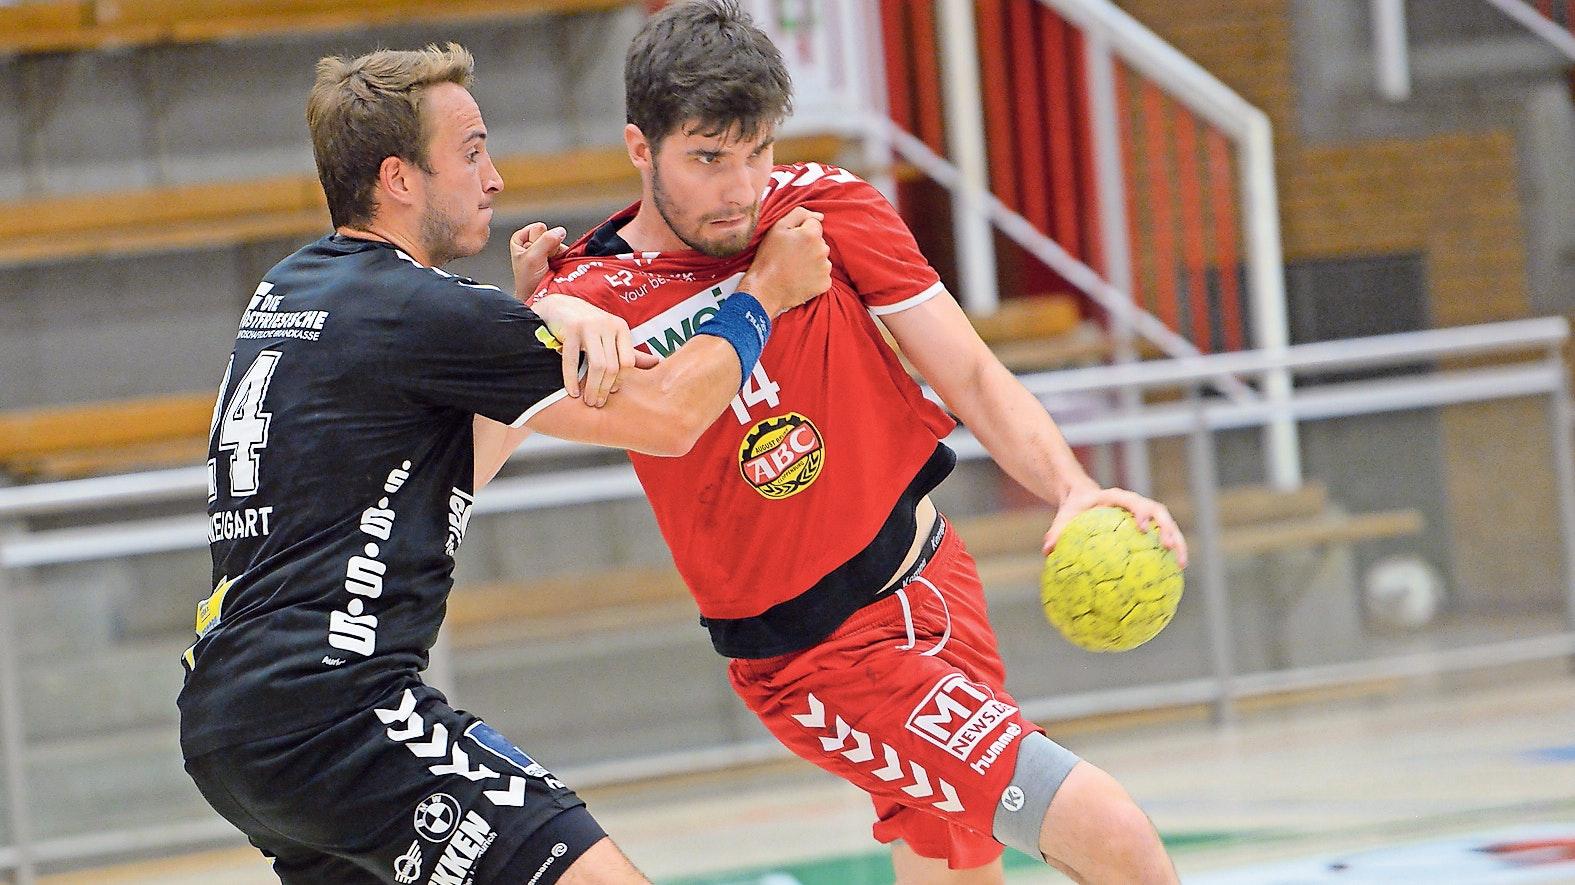 Alternative im rechten Rückraum: Neuzugang Adam Pal (rechts) muss sich an das Spielsystem der Cloppenburger Drittligahandballer noch gewöhnen.  Foto: Langosch